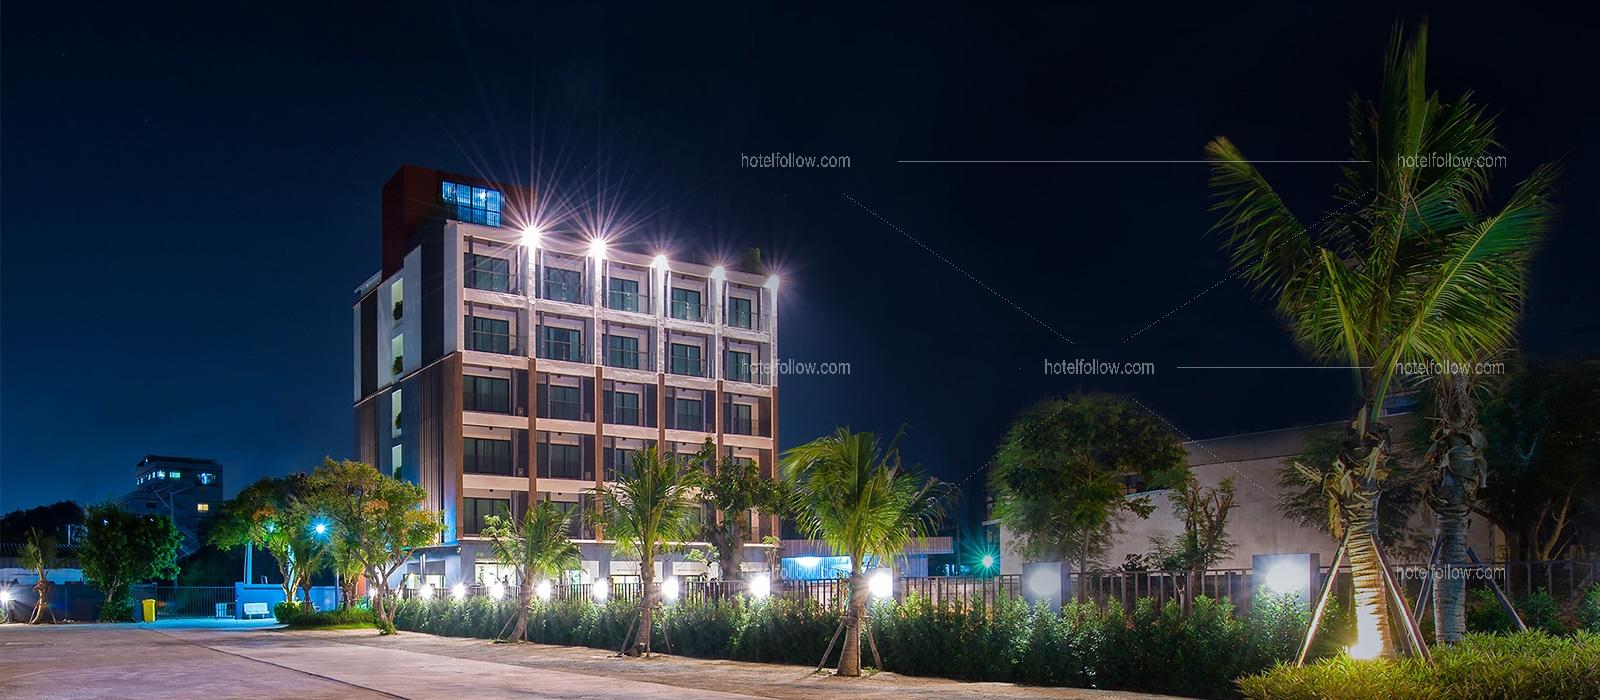 โรงแรม โคโค่ บีช รีสอร์ท หาดวอนนภา บางแสน { ติดทะเล (มีถนนกั้นทะเลกับที่พัก) }